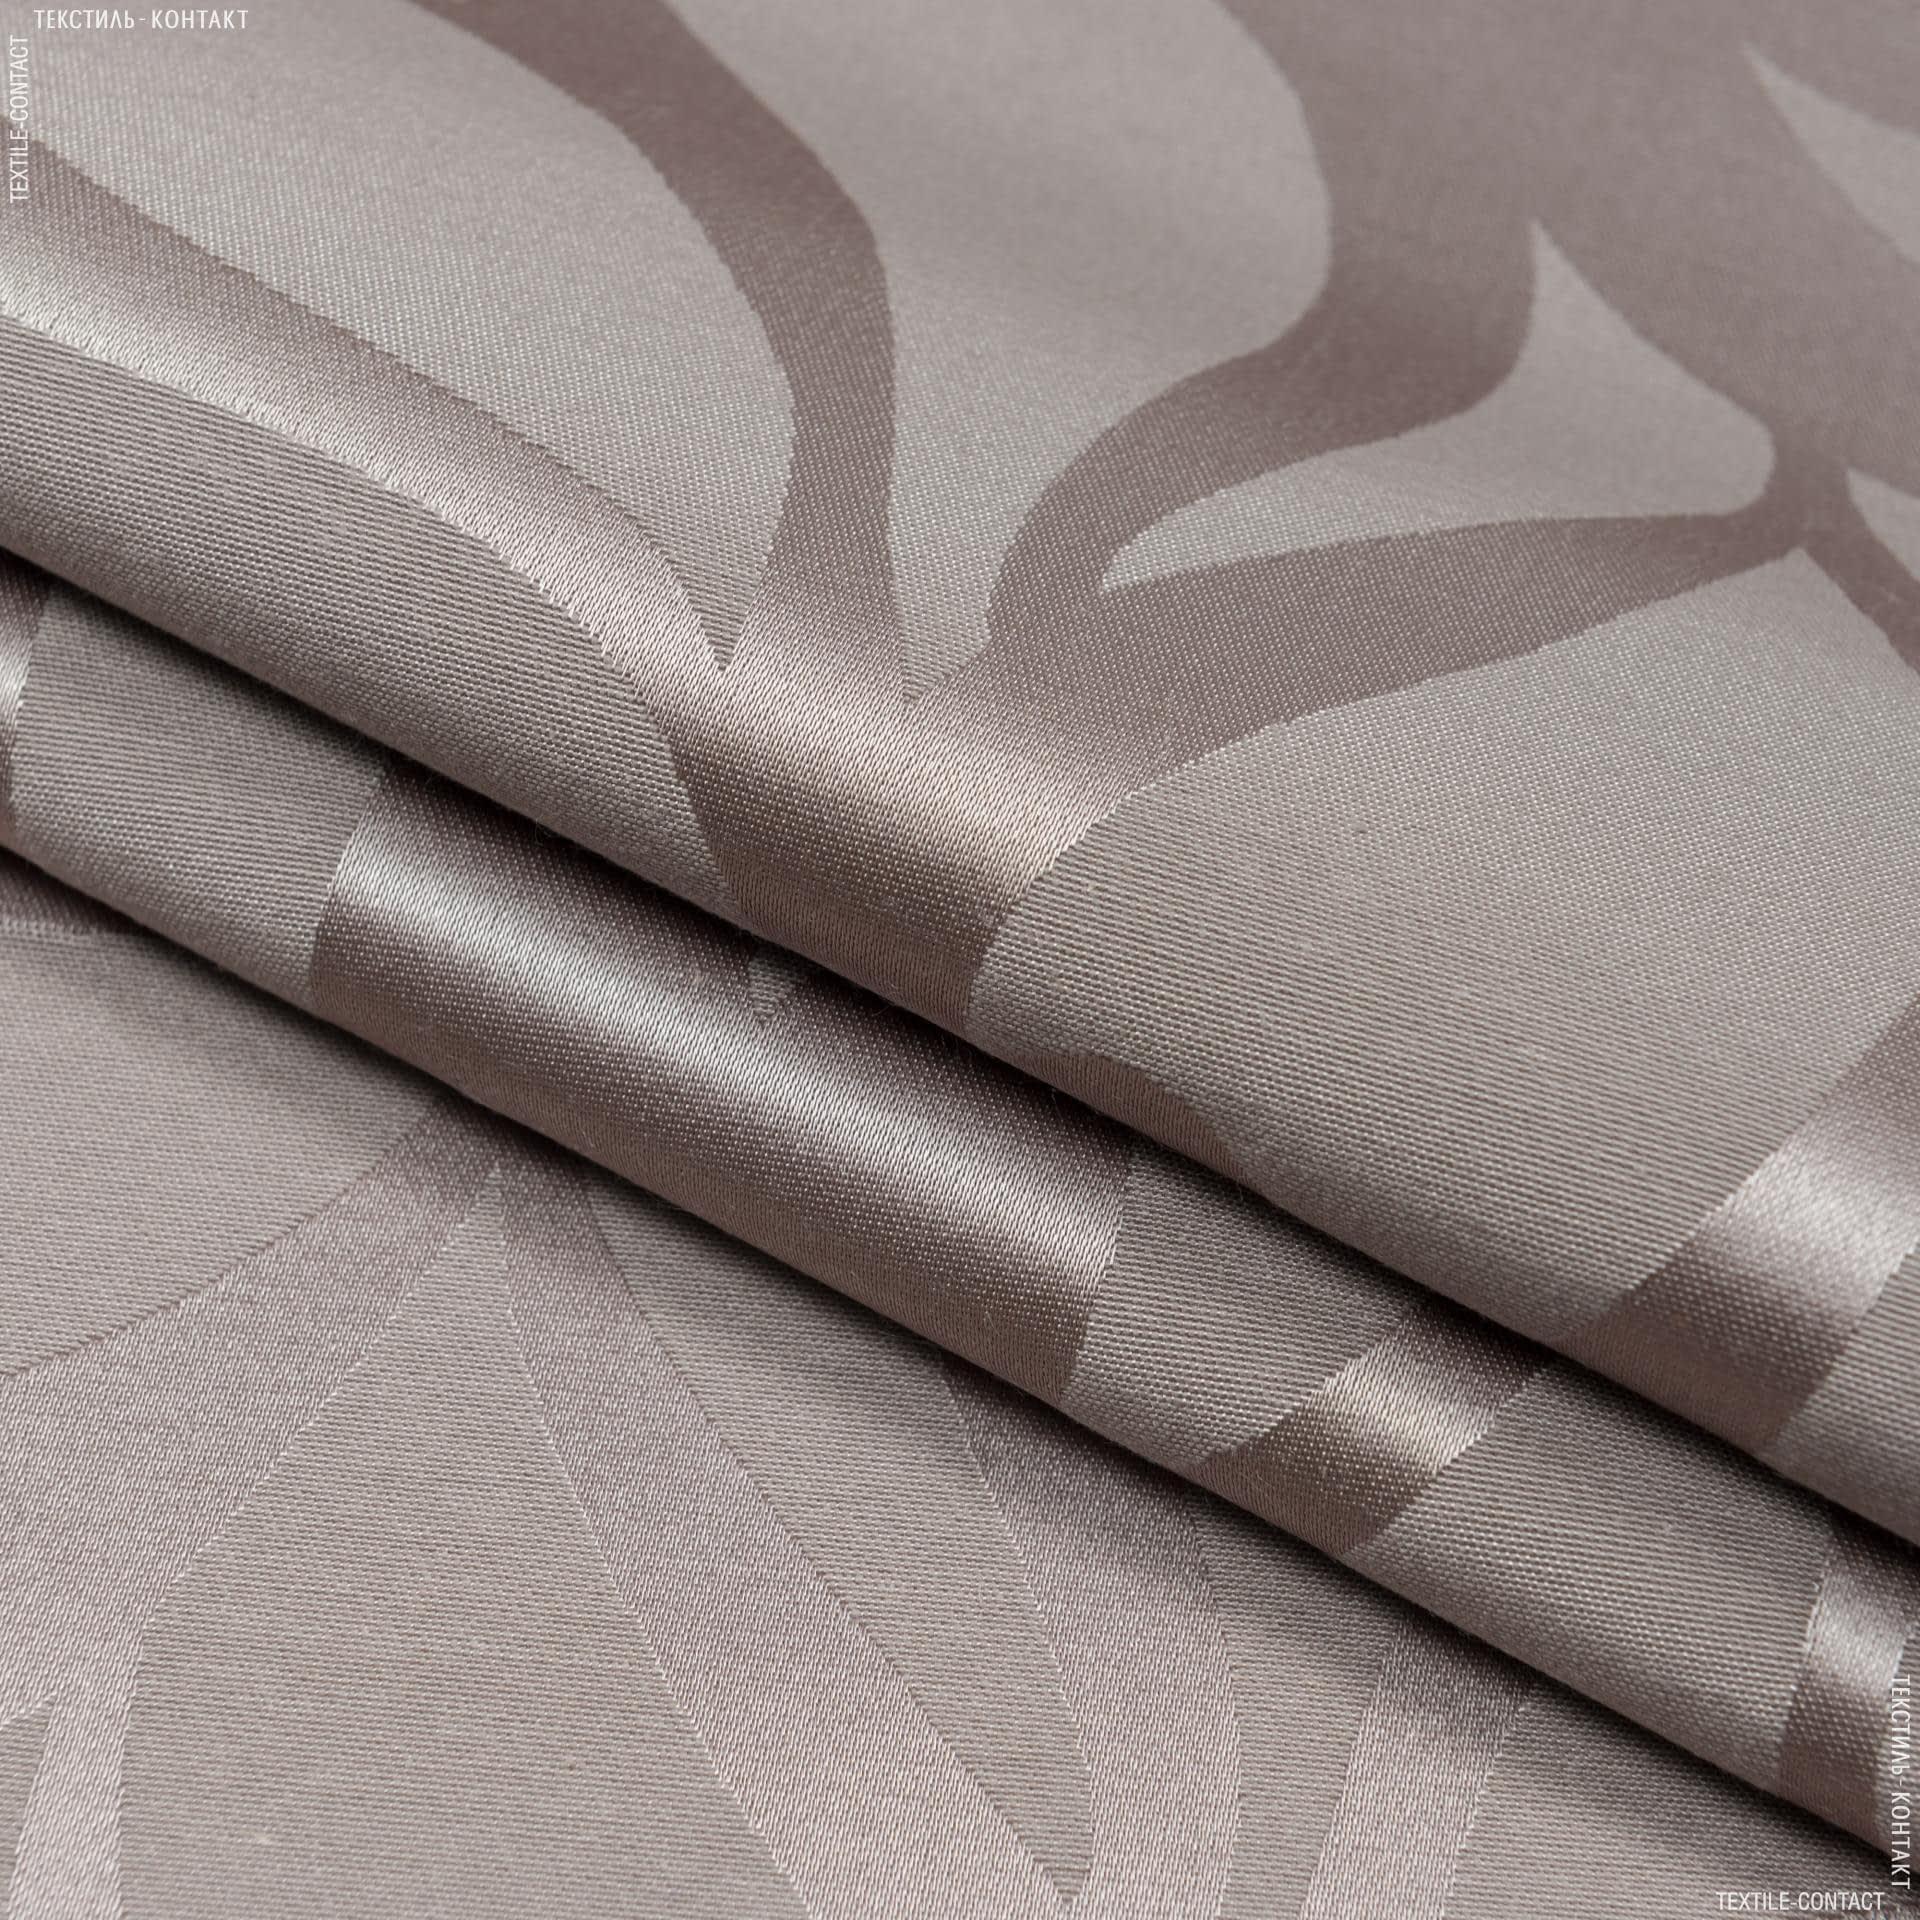 Ткани для скатертей - Ткань с акриловой пропиткой ресинадо/resinado т.беж